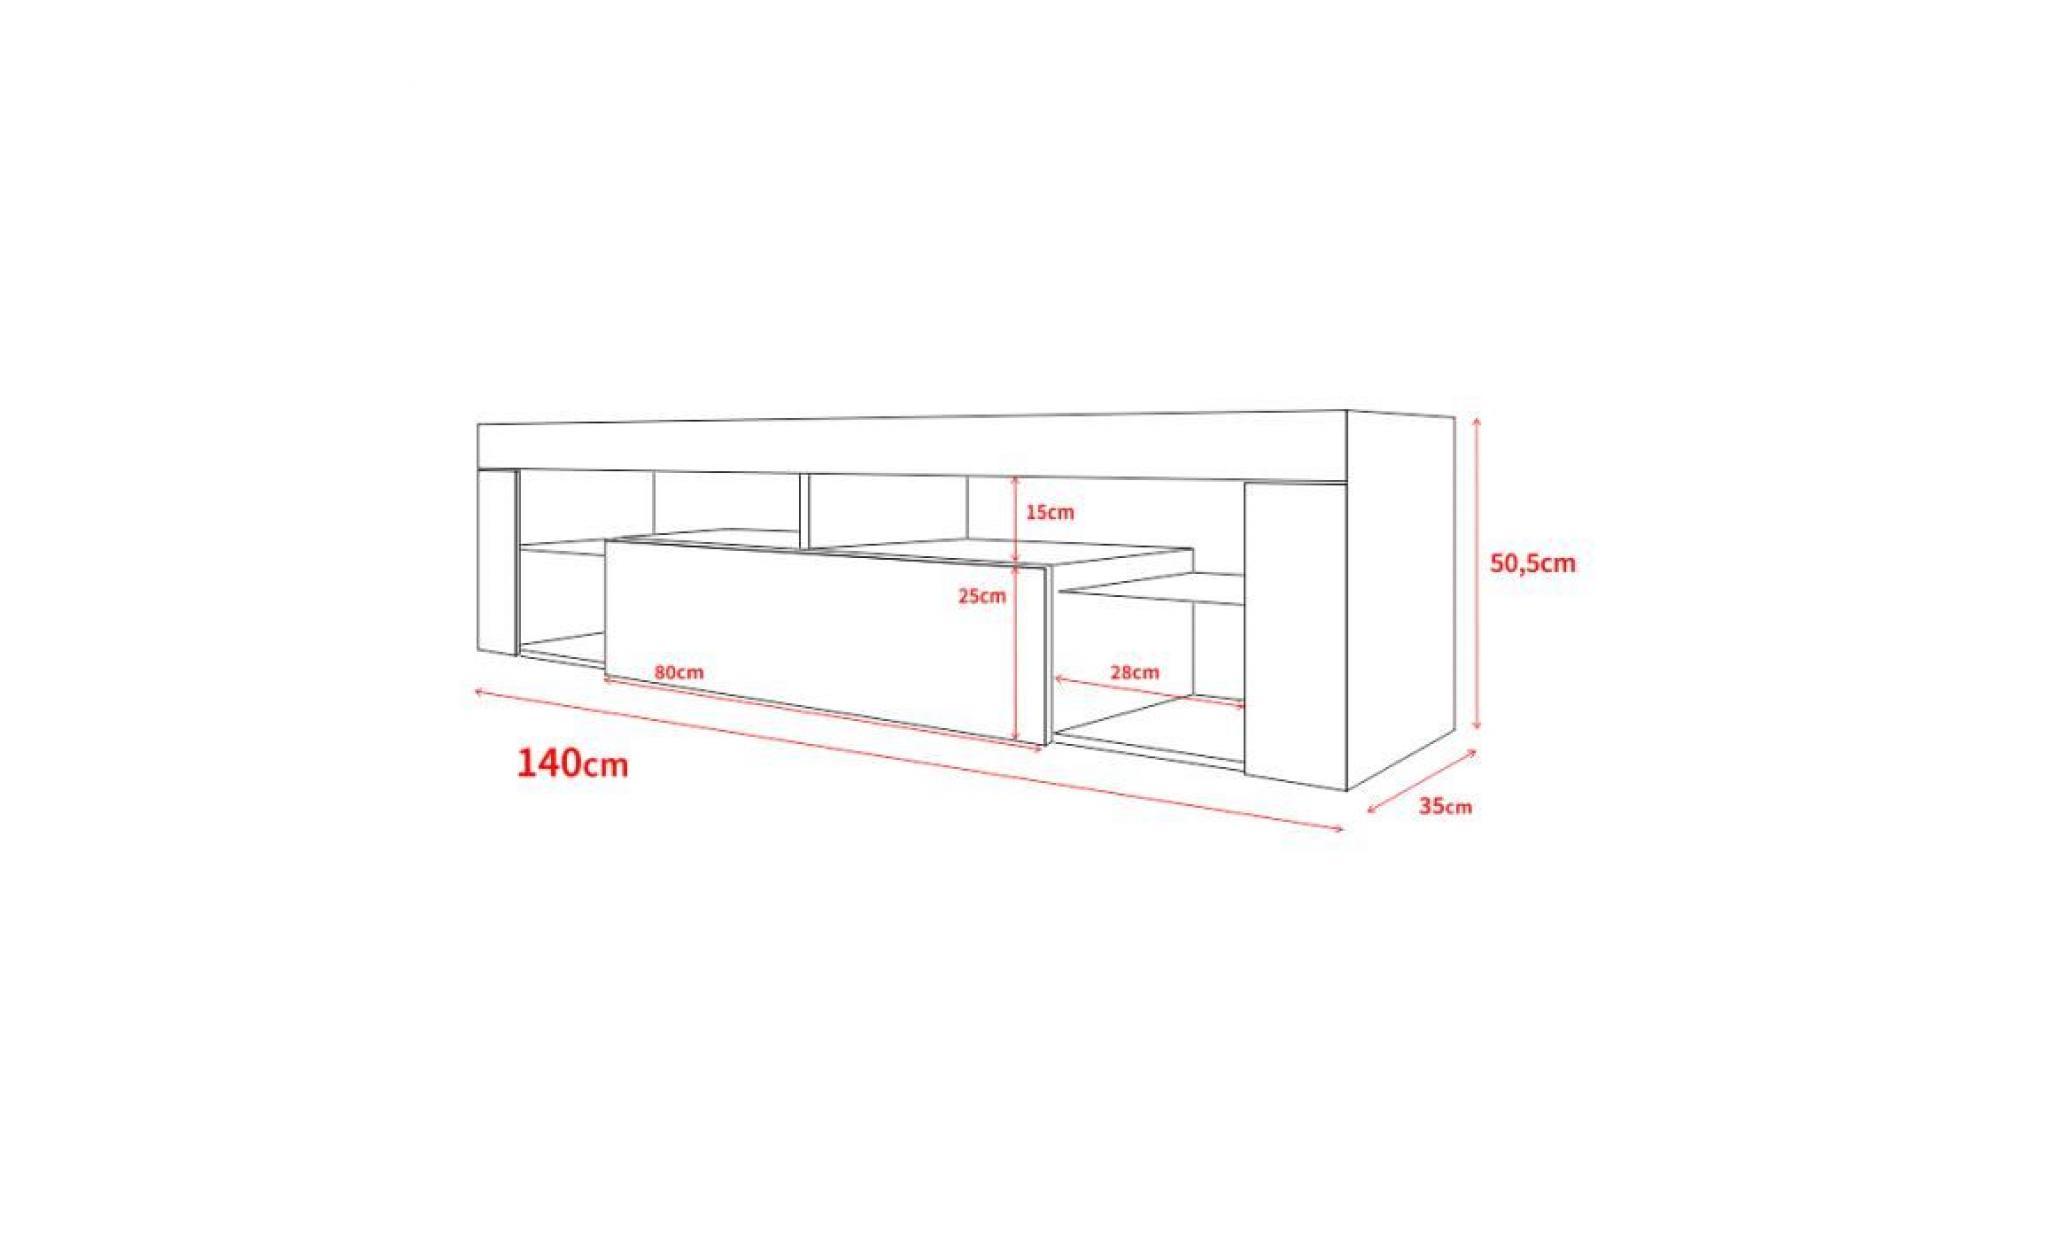 meuble tv / meuble de salon hugo 140 cm blanc mat / noir brillant sans led  style moderne tablette en verre